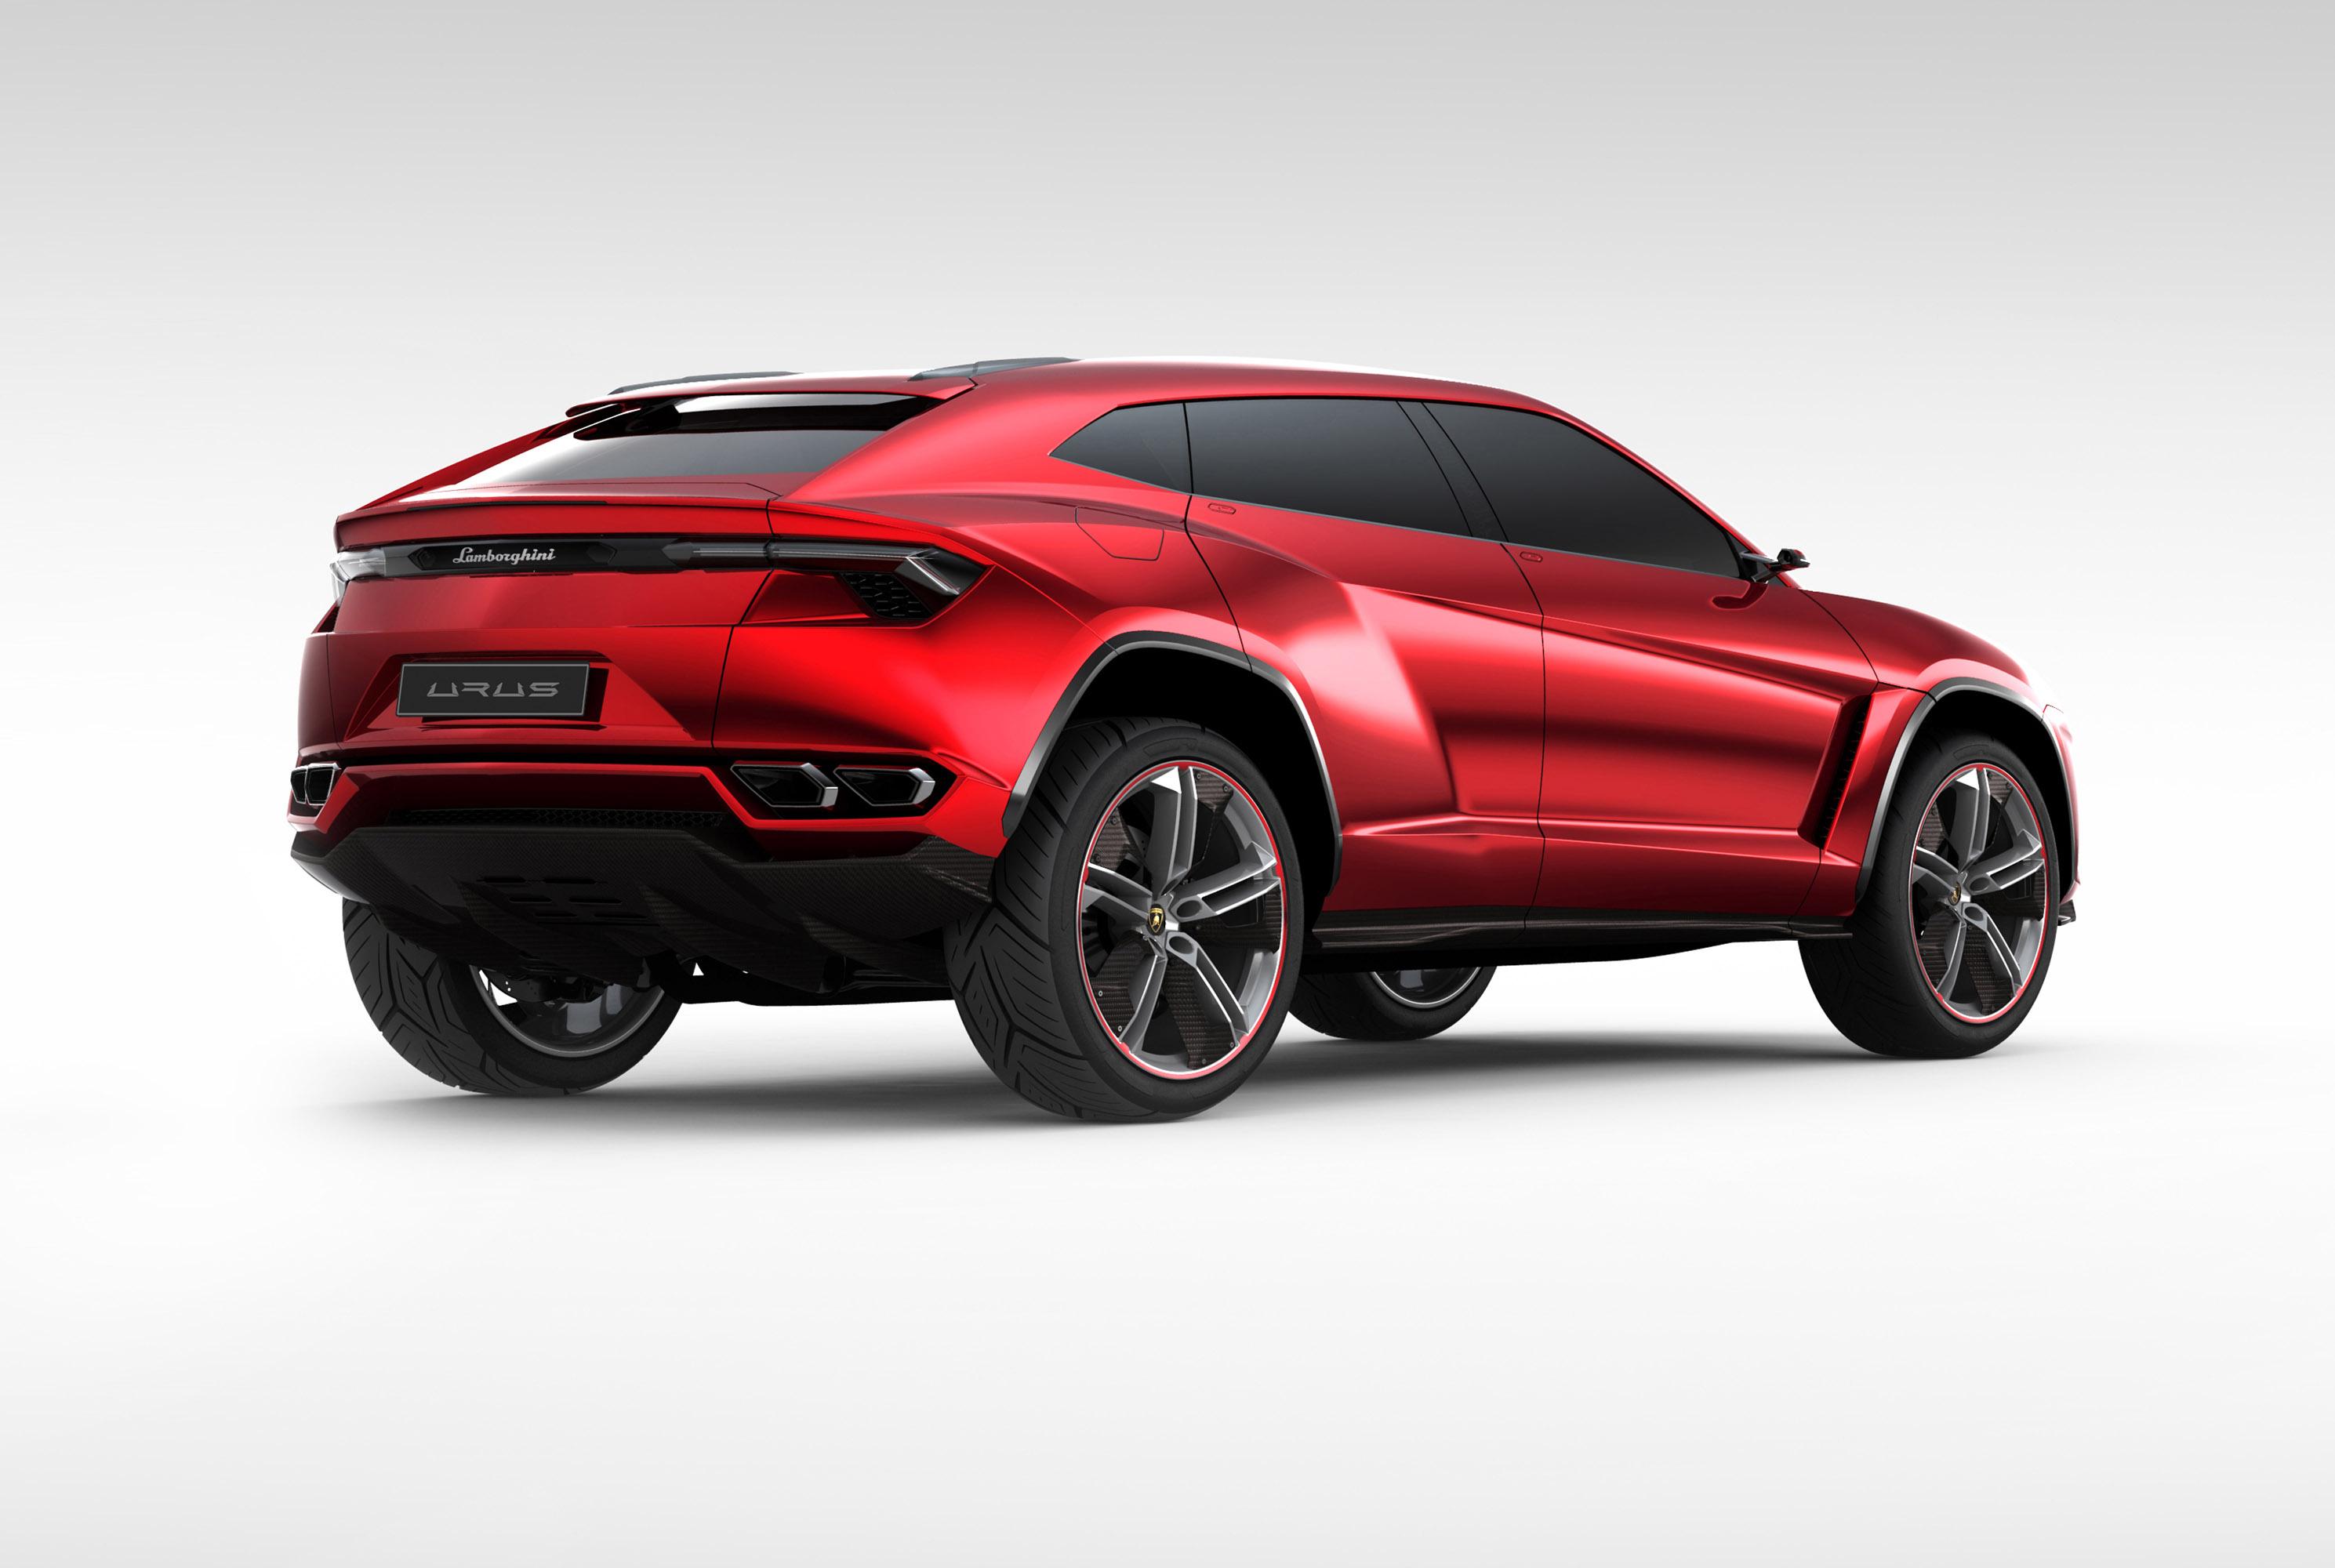 Lamborghini urus concept - фотография №2